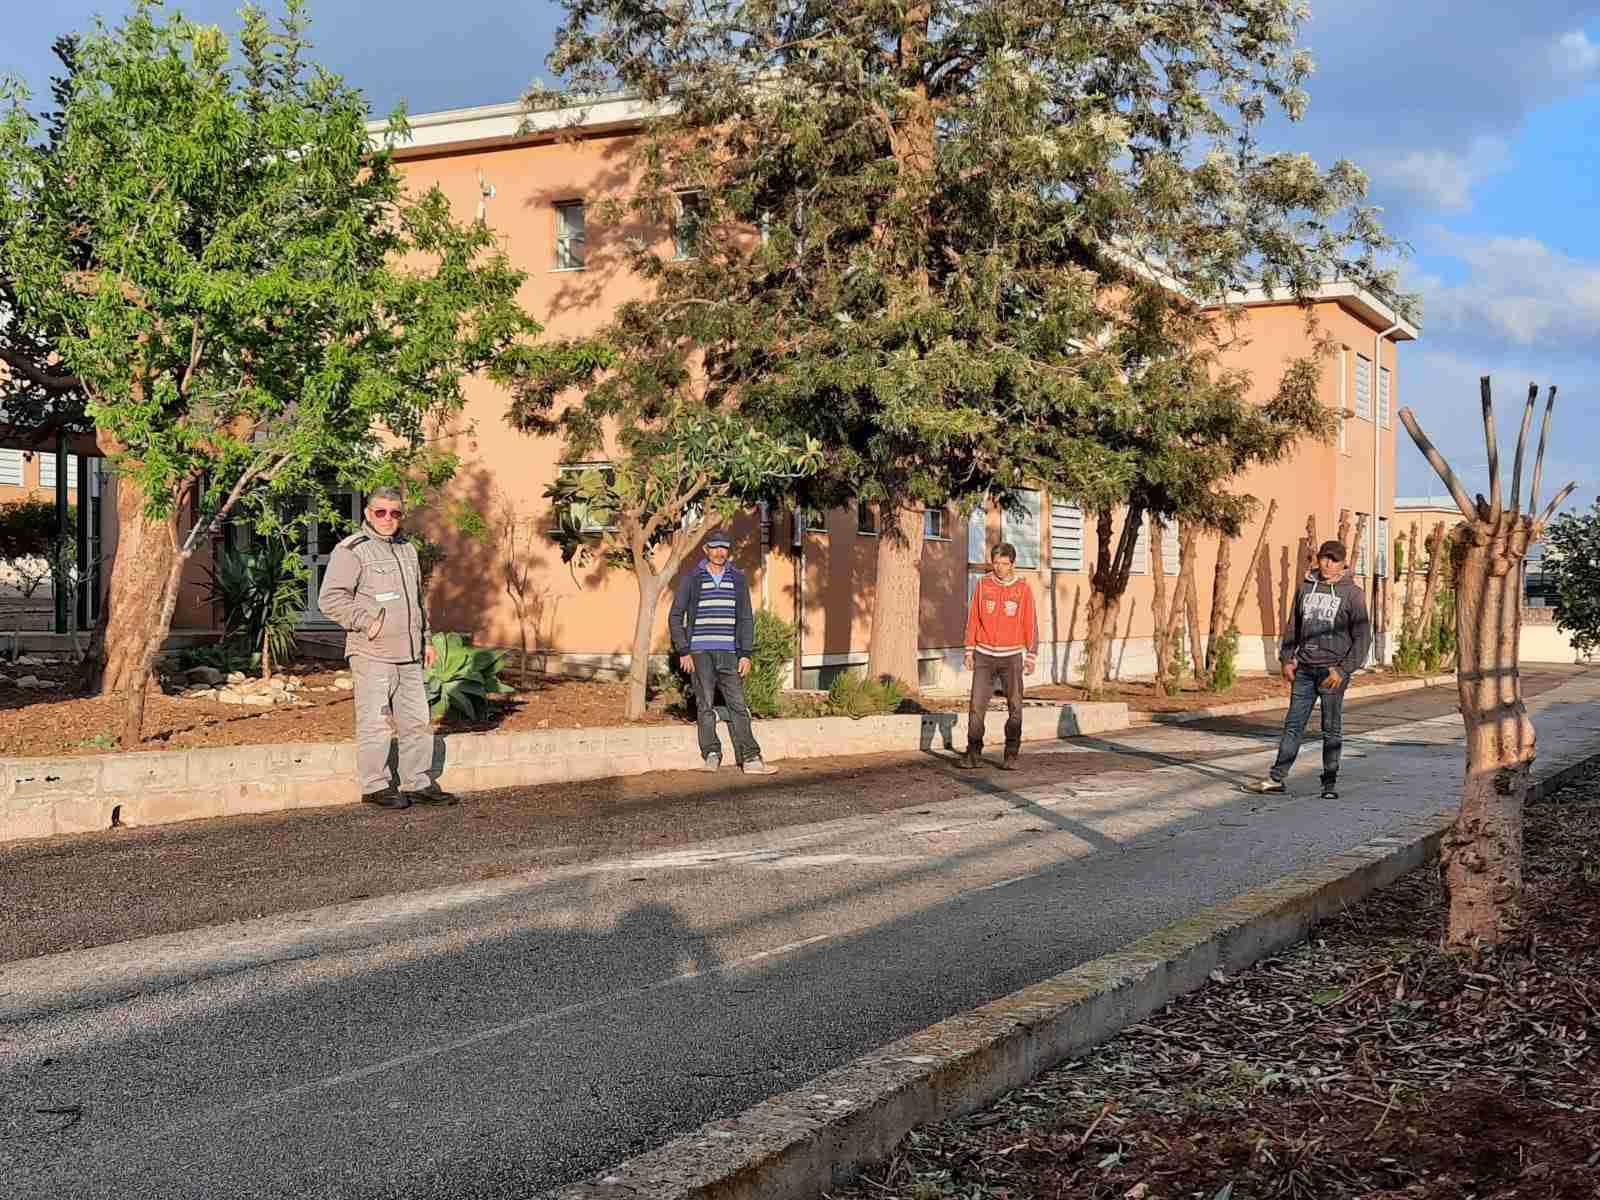 Manutenzione del verde pubblico nelle piazze e nelle scuole, il Comune rinnova la convenzione con Città Verde